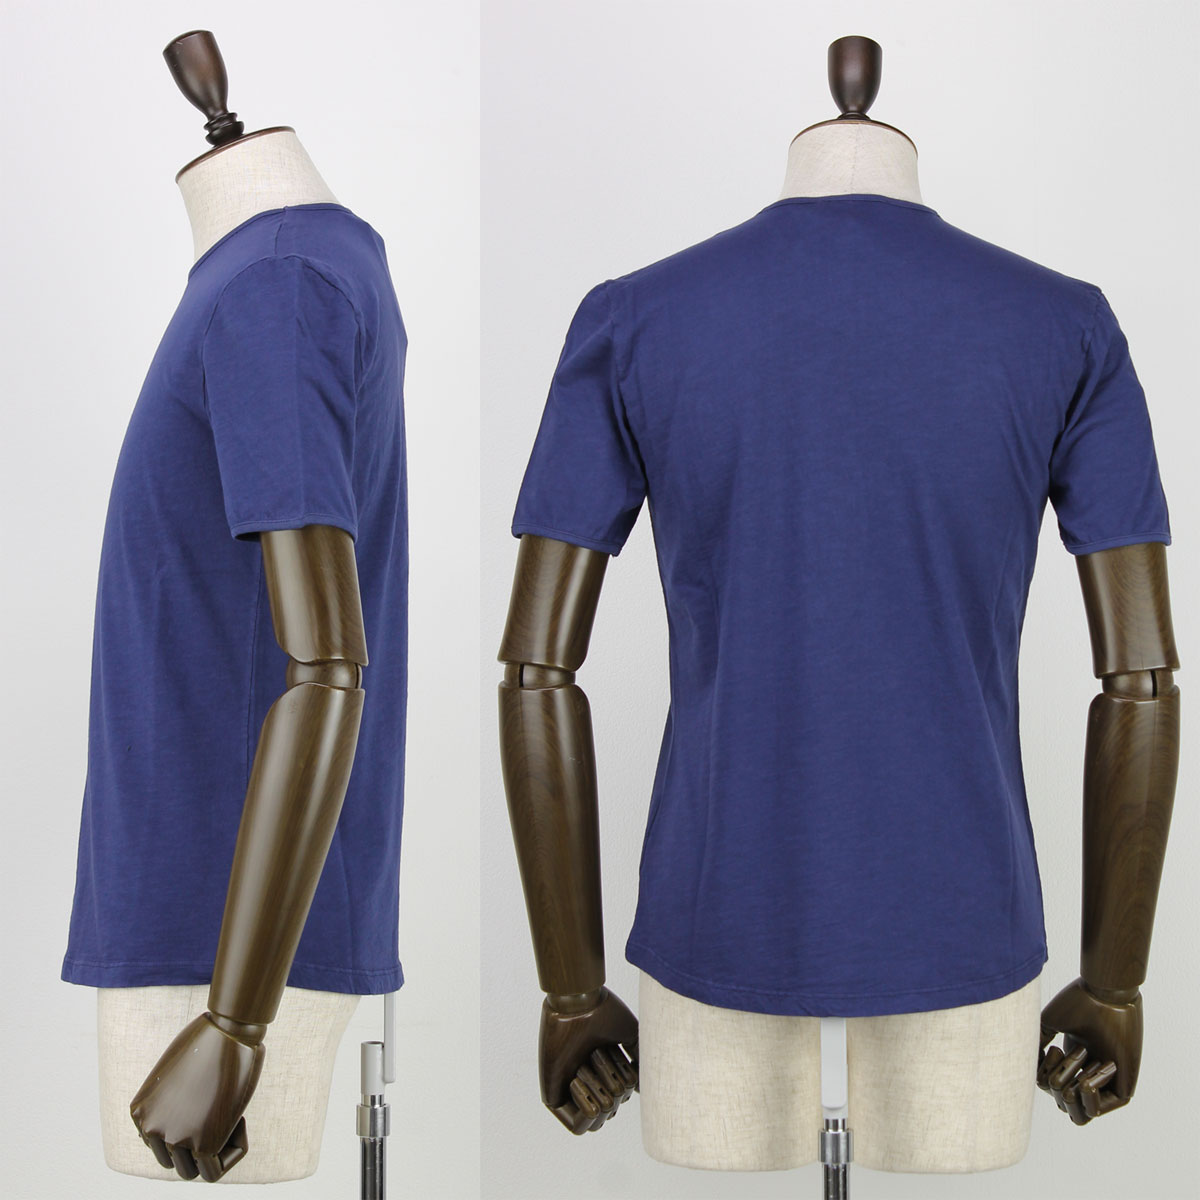 【クリアランスセール 半額以下】ジレッリブルーニ GIRELLI BRUNI メンズ コットン クルーネック 半袖 Tシャツ F964CO INDIGO (インディゴ)【返品交換不可】